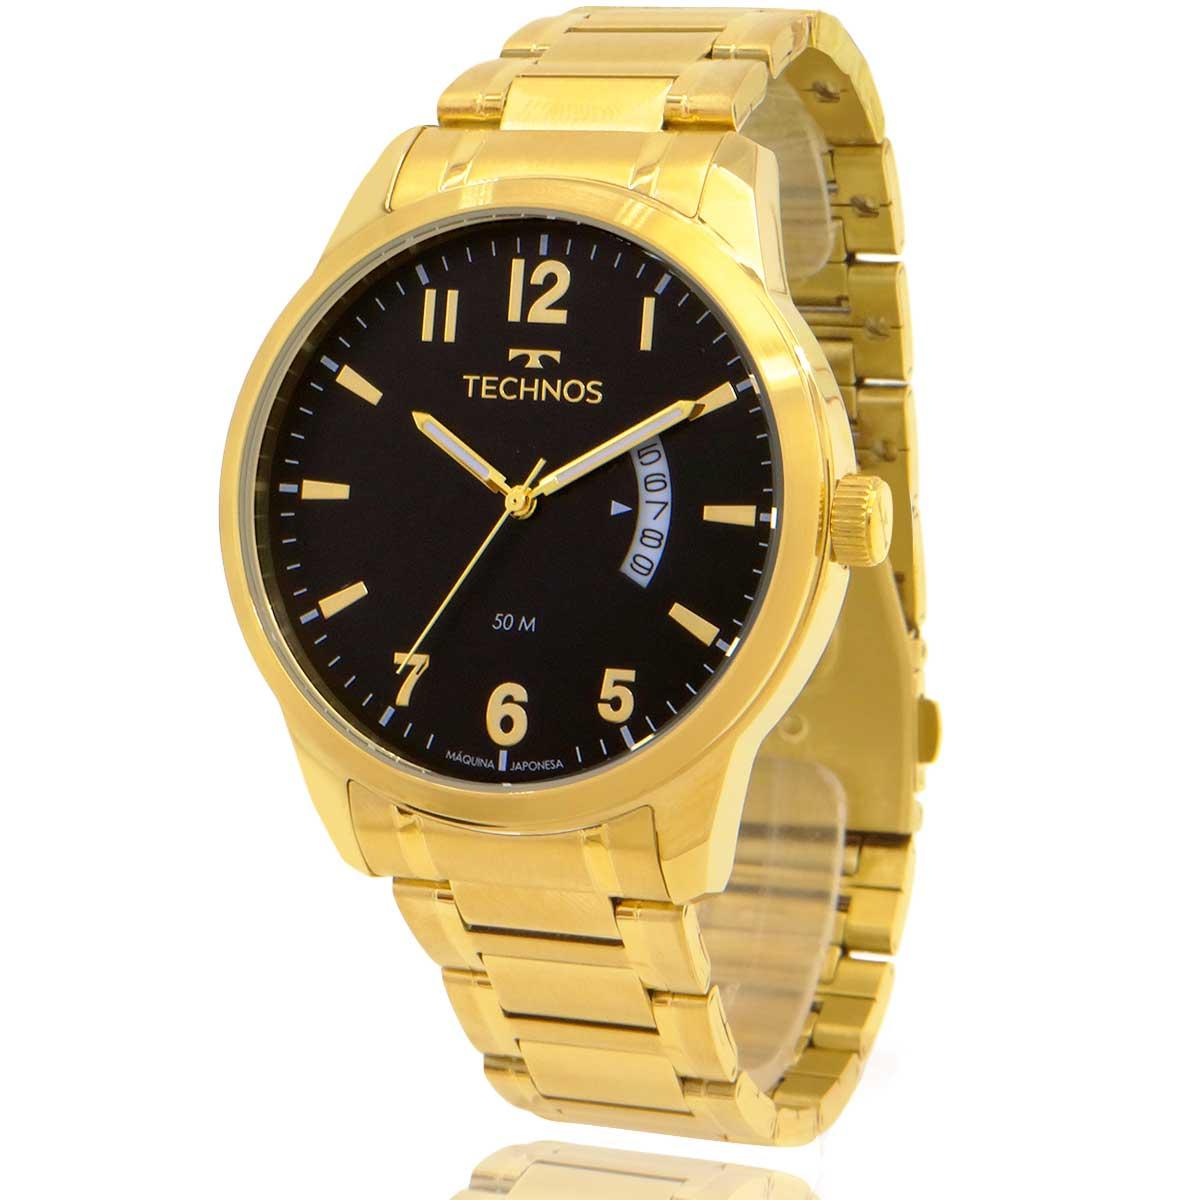 Relógio Technos Masculino Dourado 2115KTPTDY/4P com Carteira Lebrave de Brinde